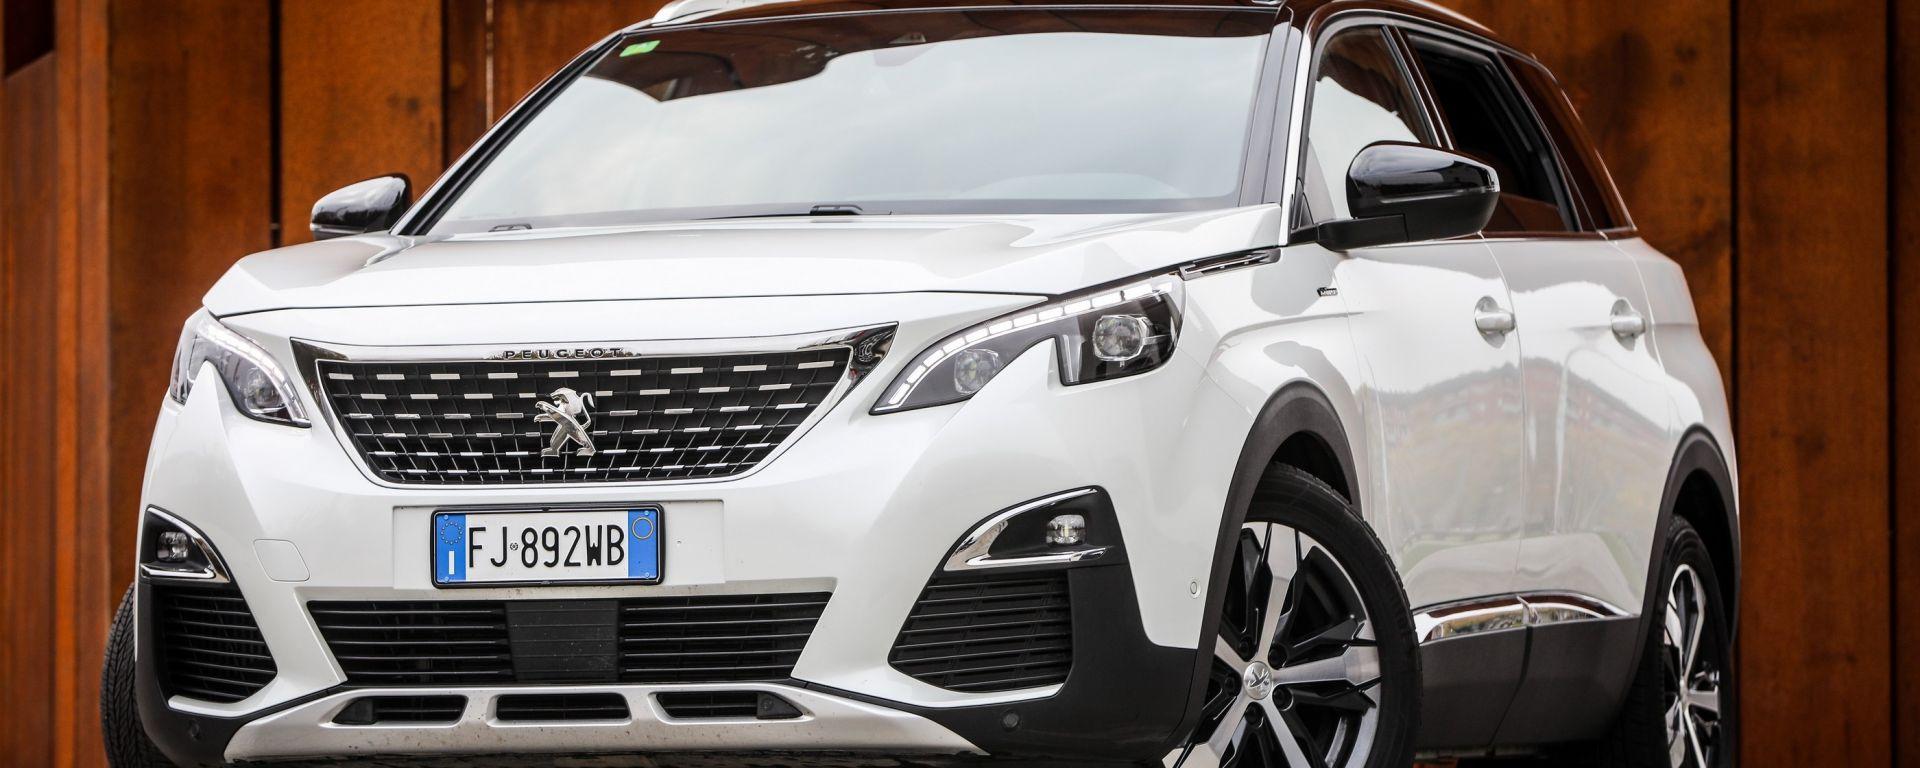 Peugeot 5008: il SUV per le grandi famiglie